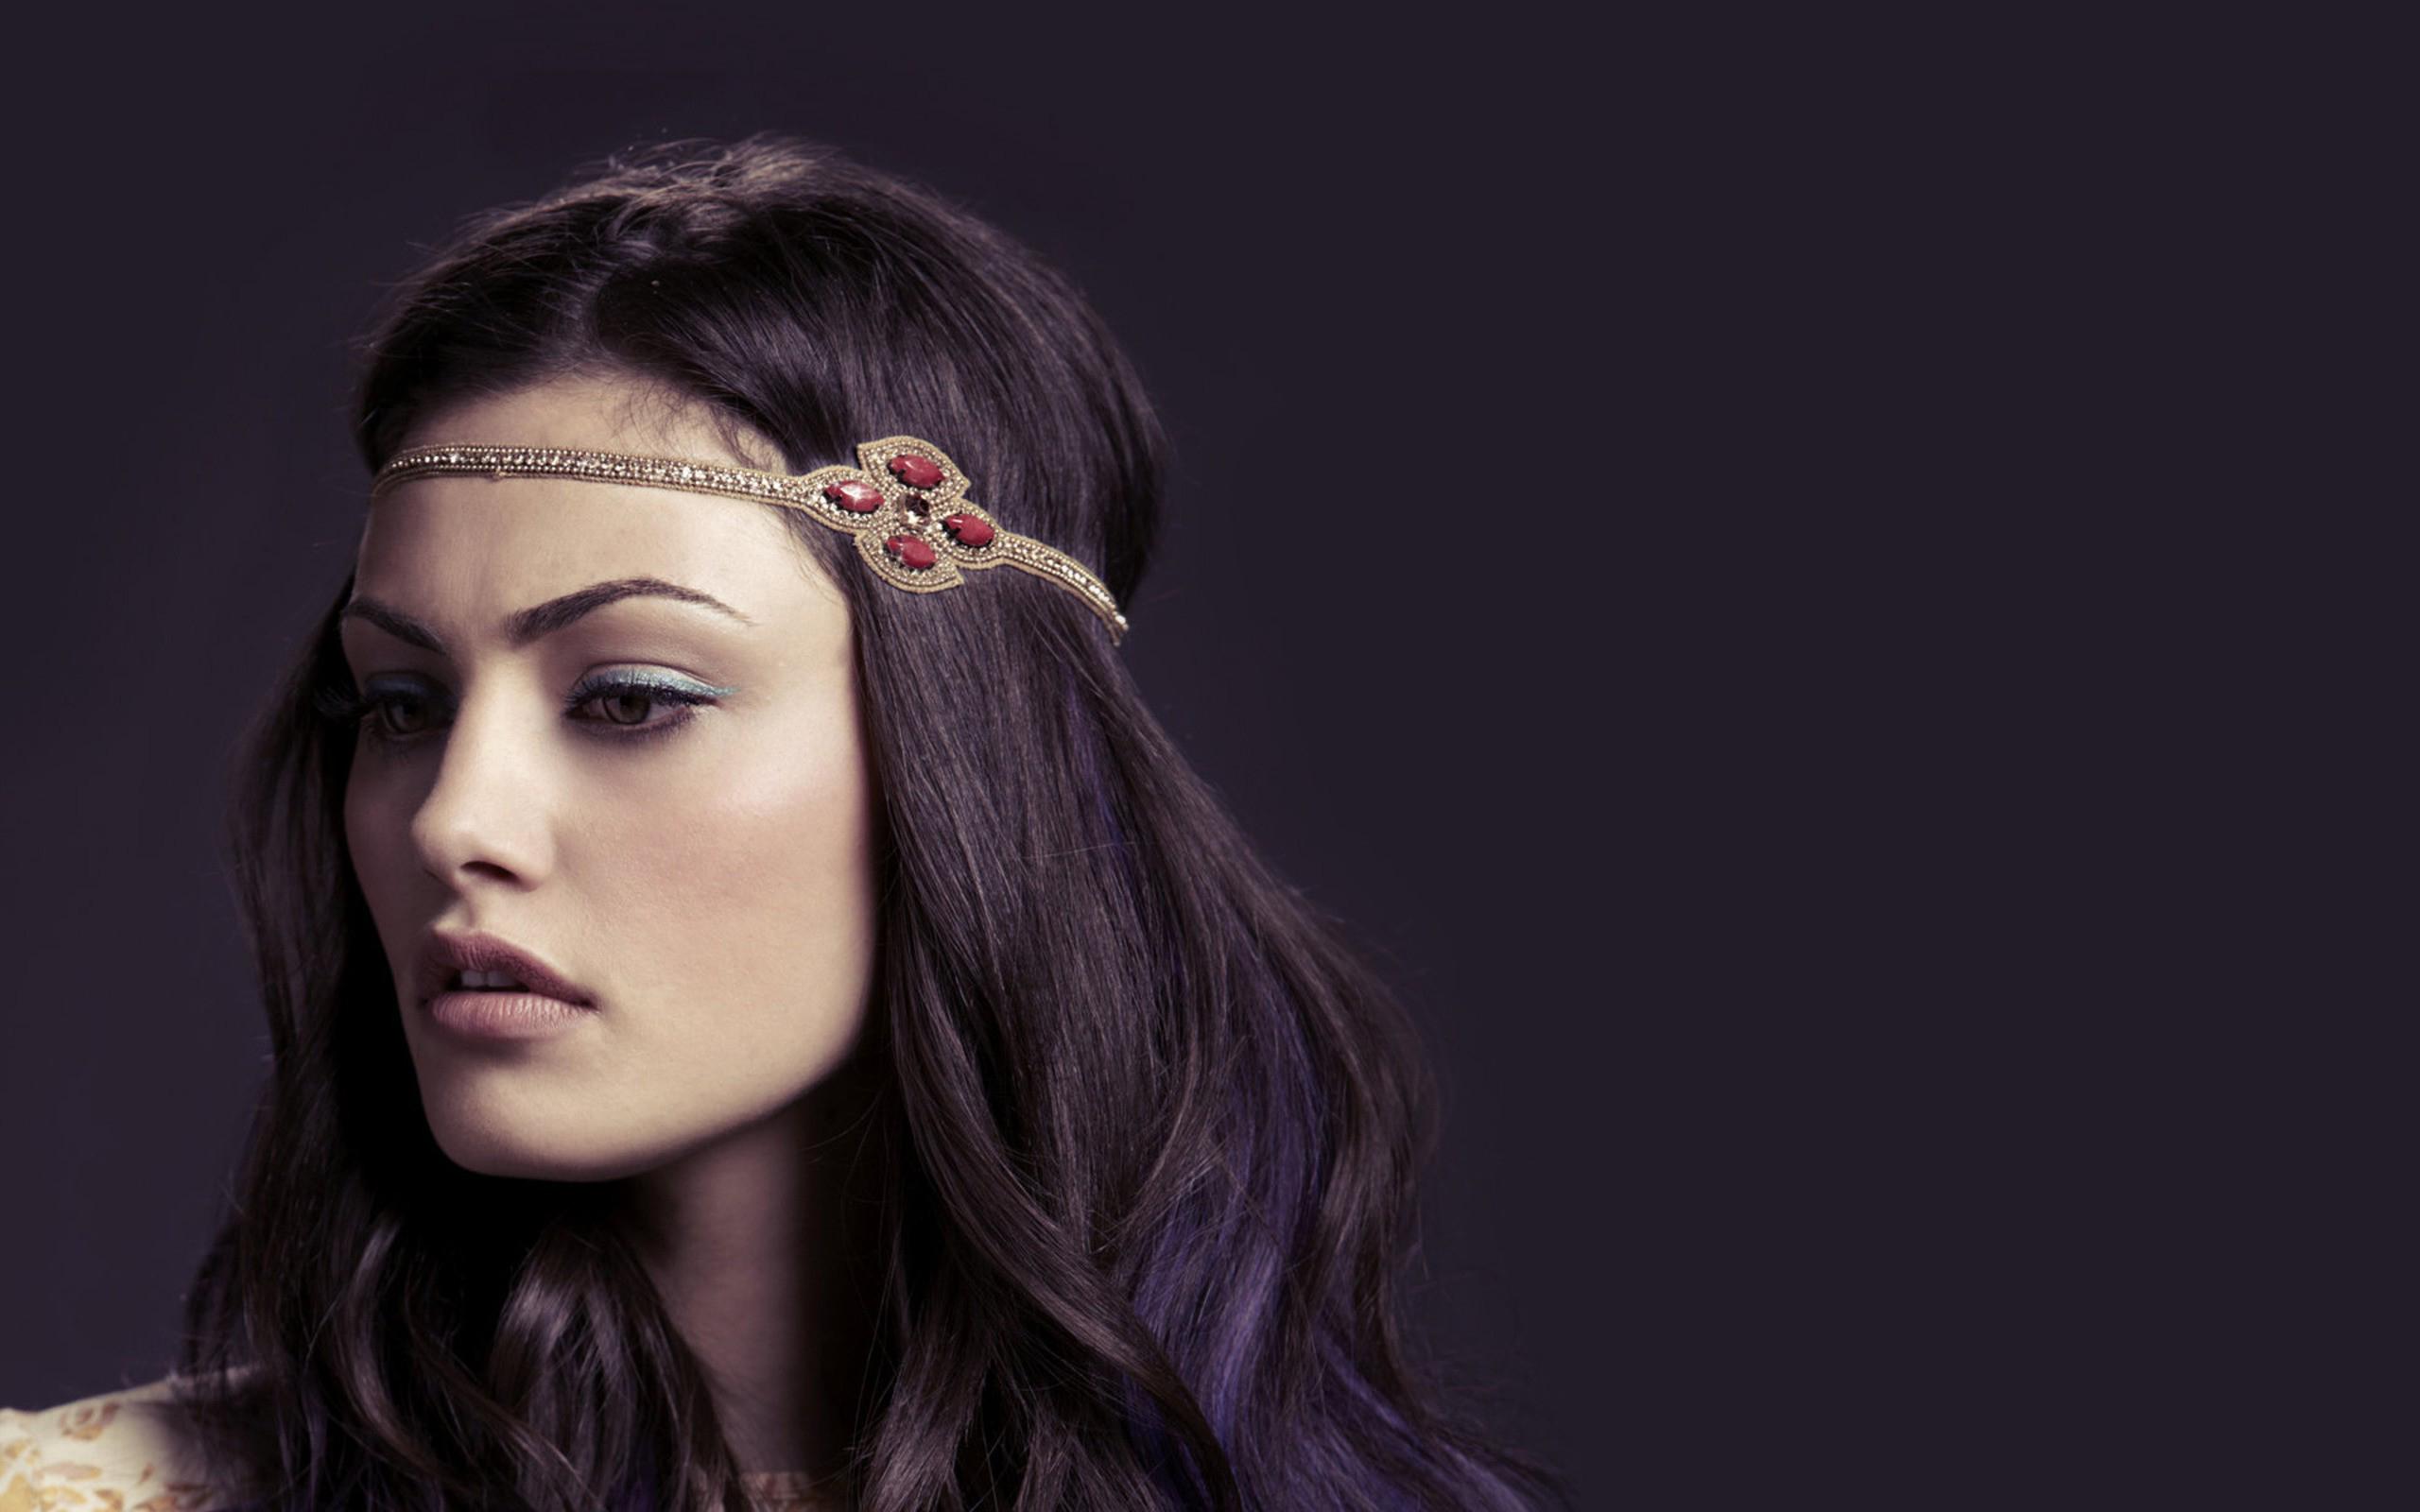 Beautiful Phoebe Tonki...